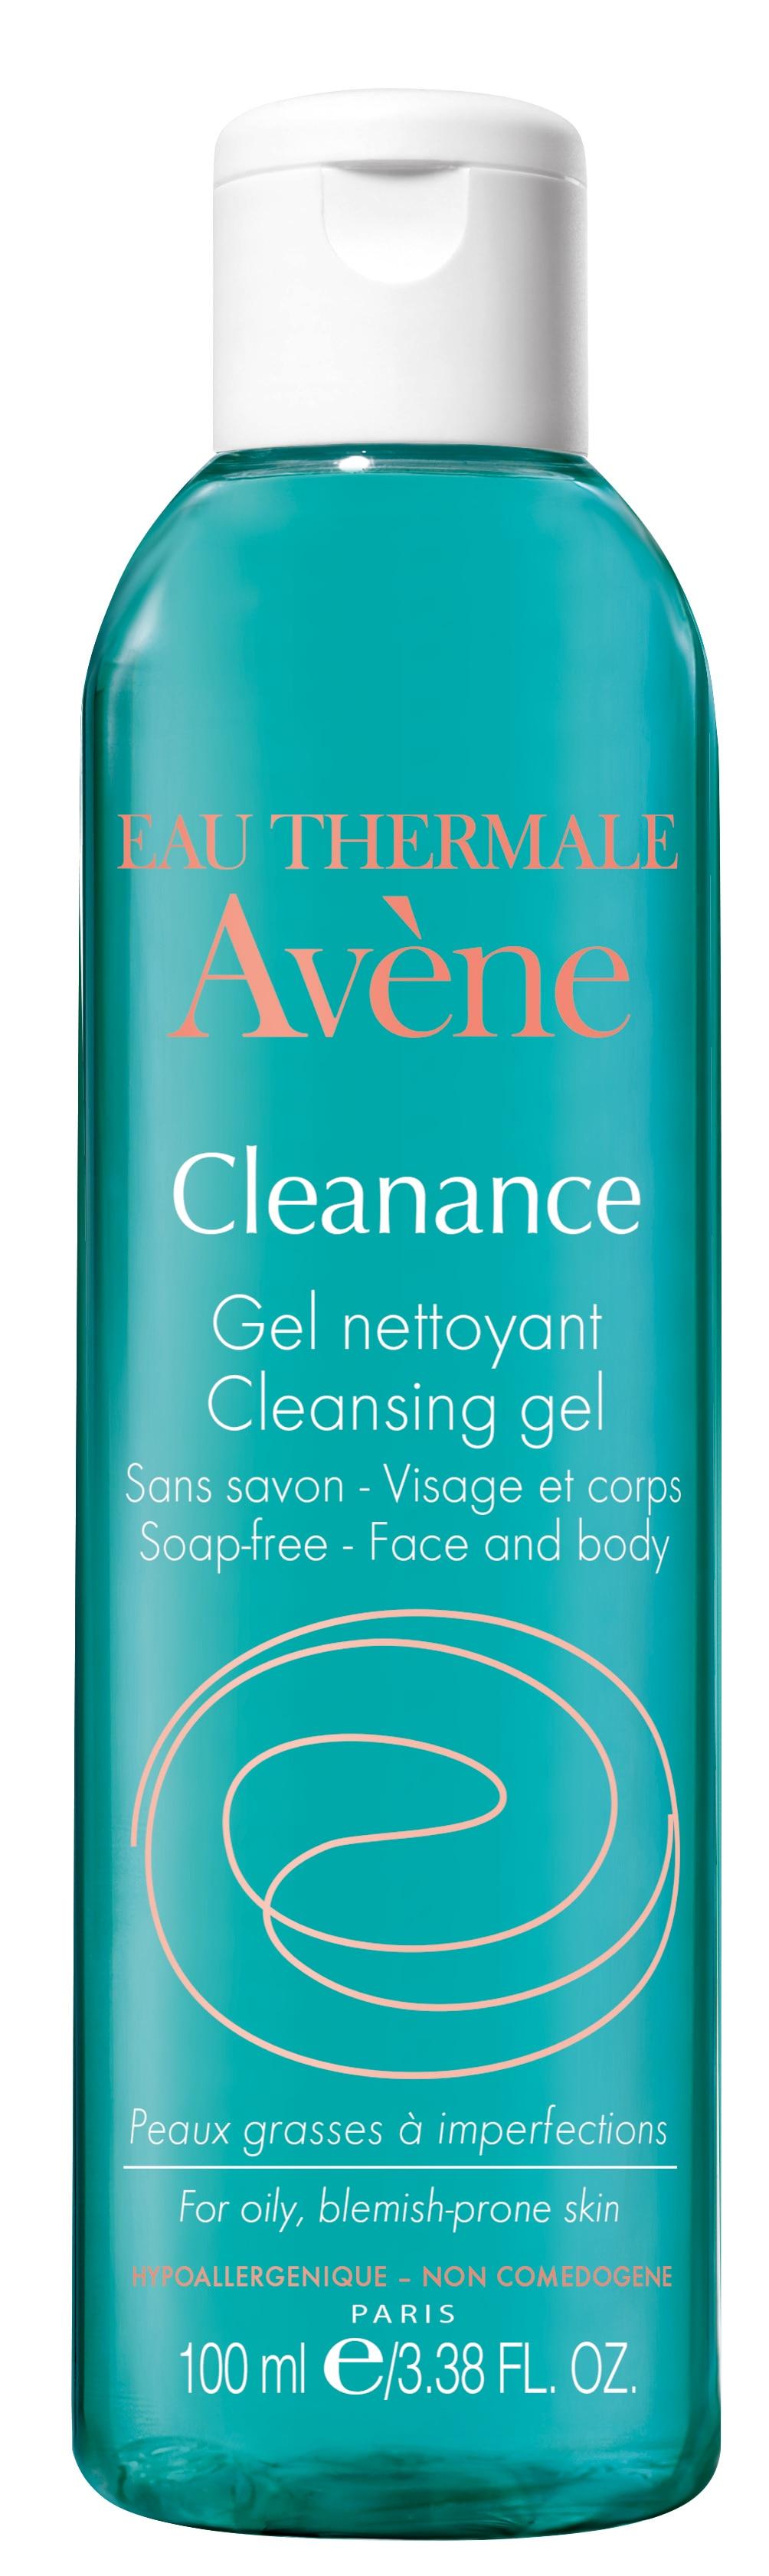 Cleanance Seifenfreies Reinigungsgel 100 ml